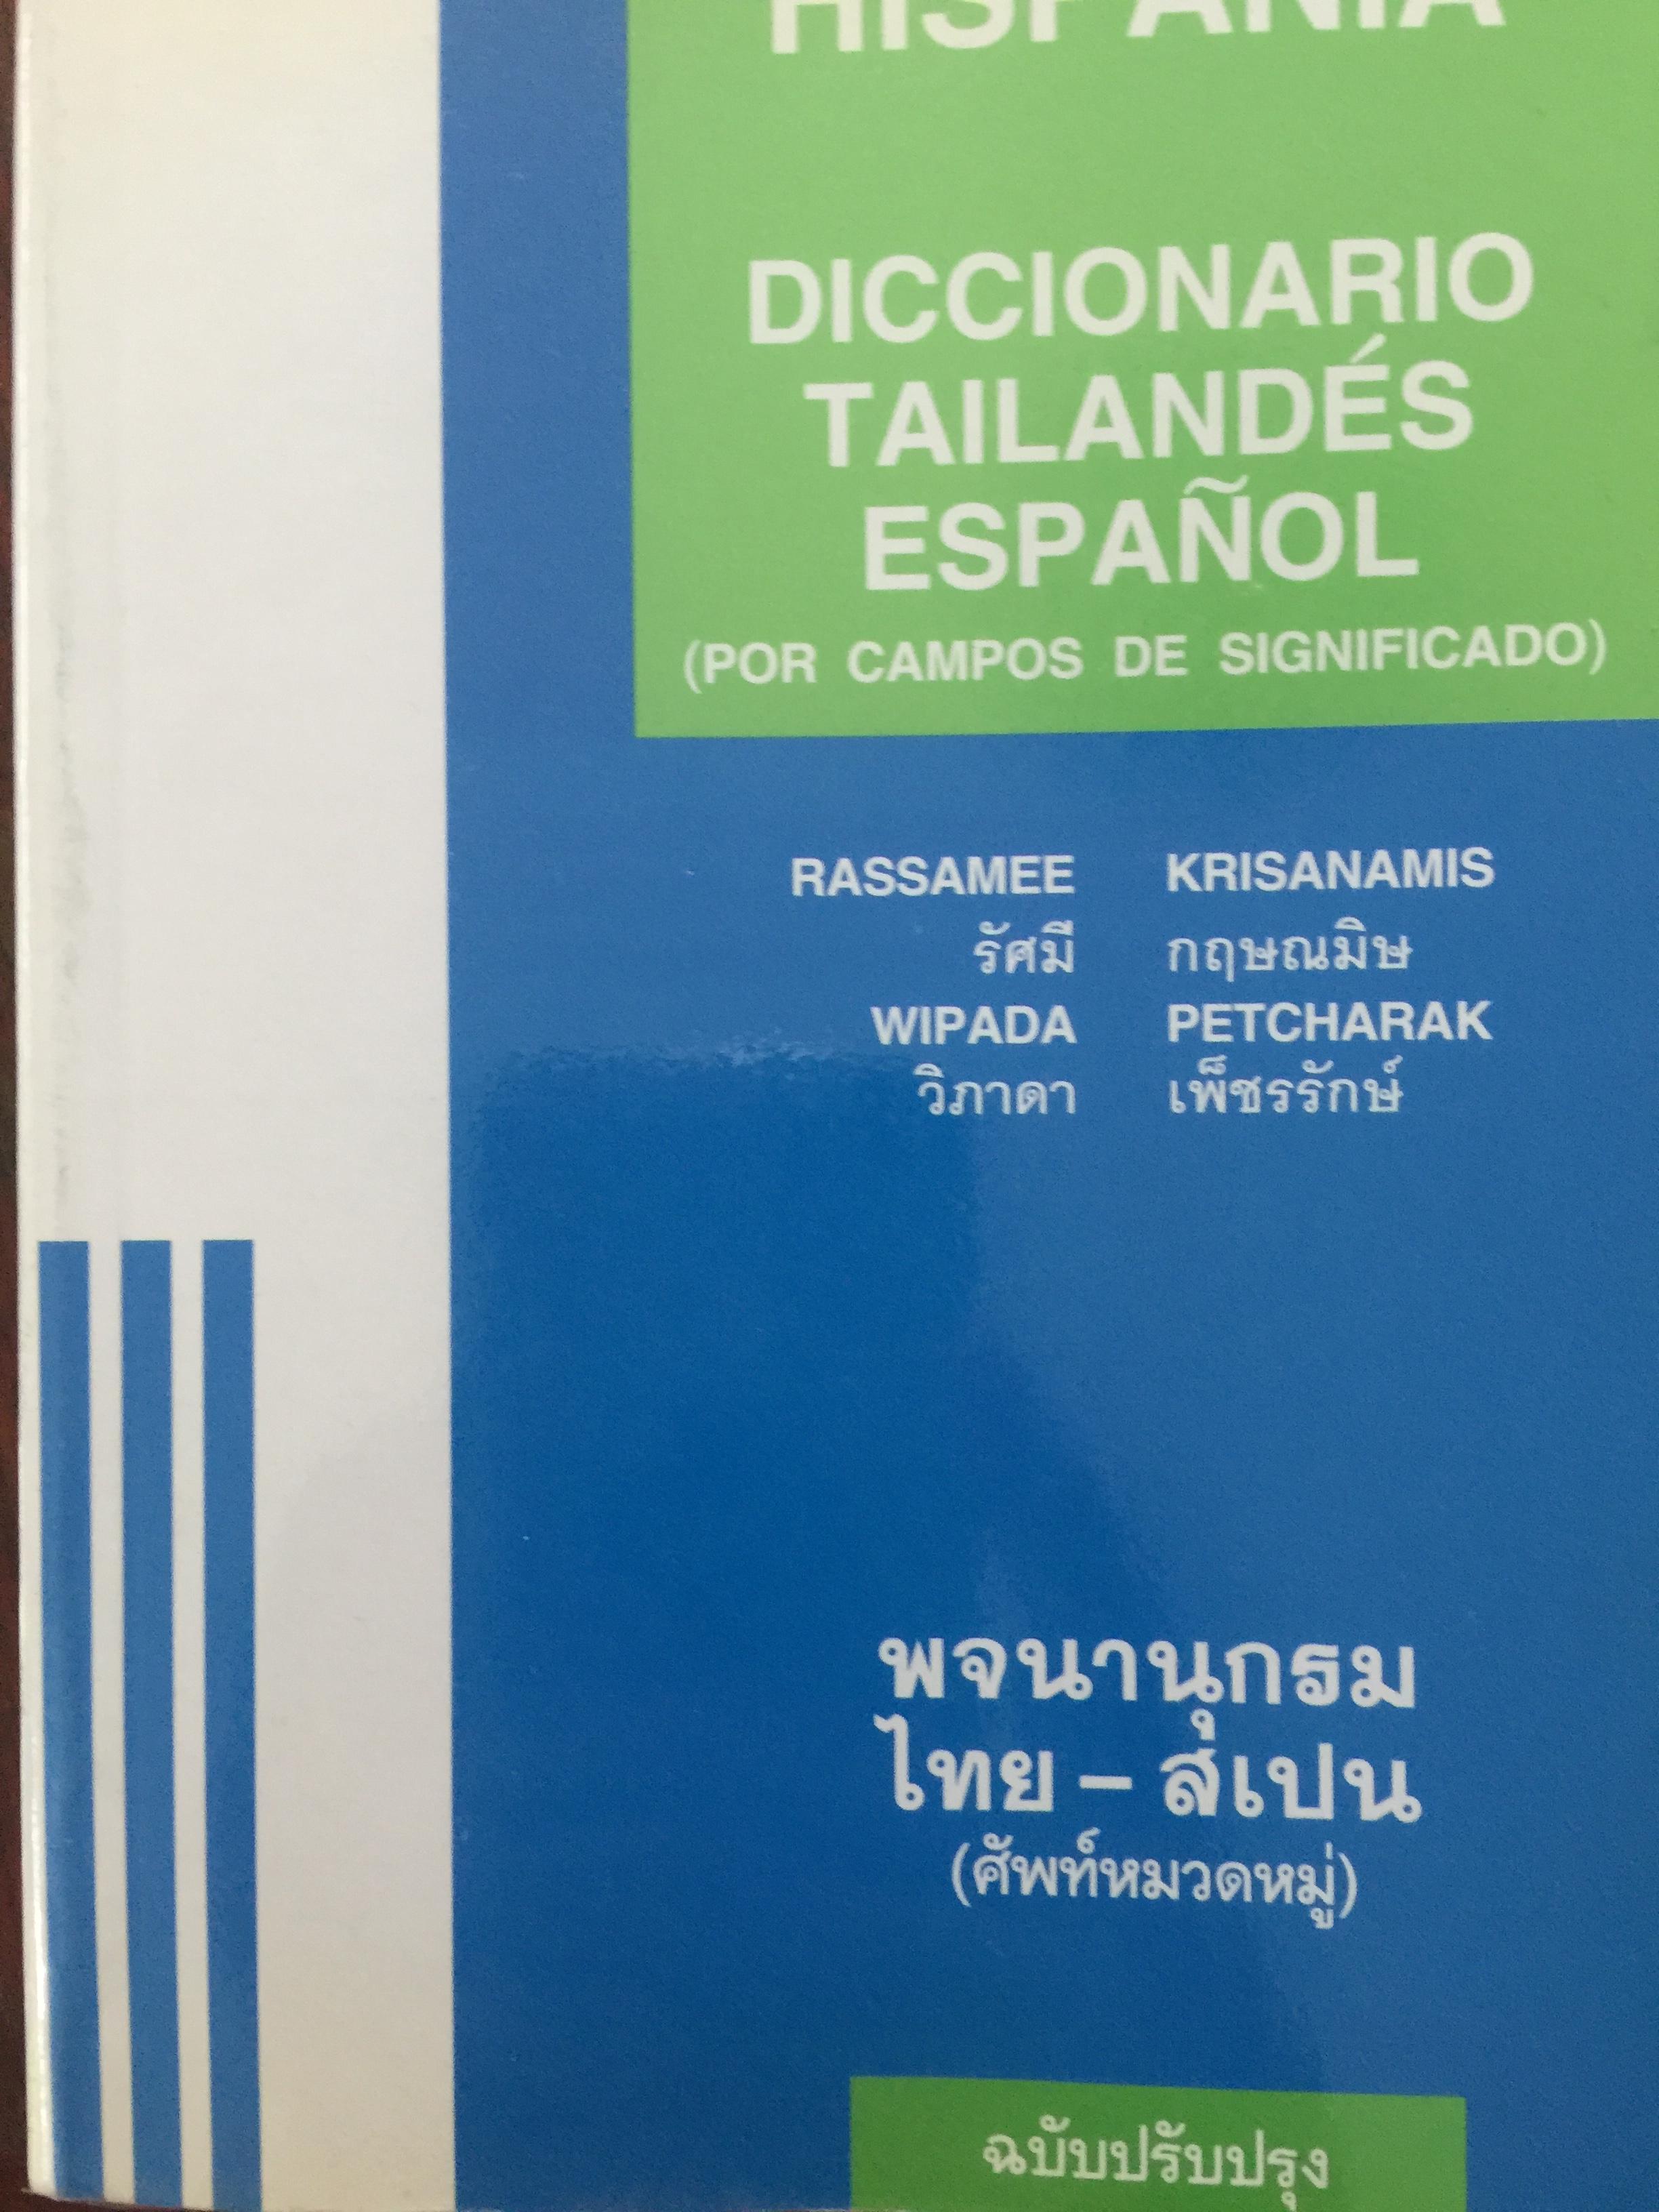 พจนานุกรม ไทย-สเปน (ศัพท์หมวดหมู่) ฉบับปรับปรุง